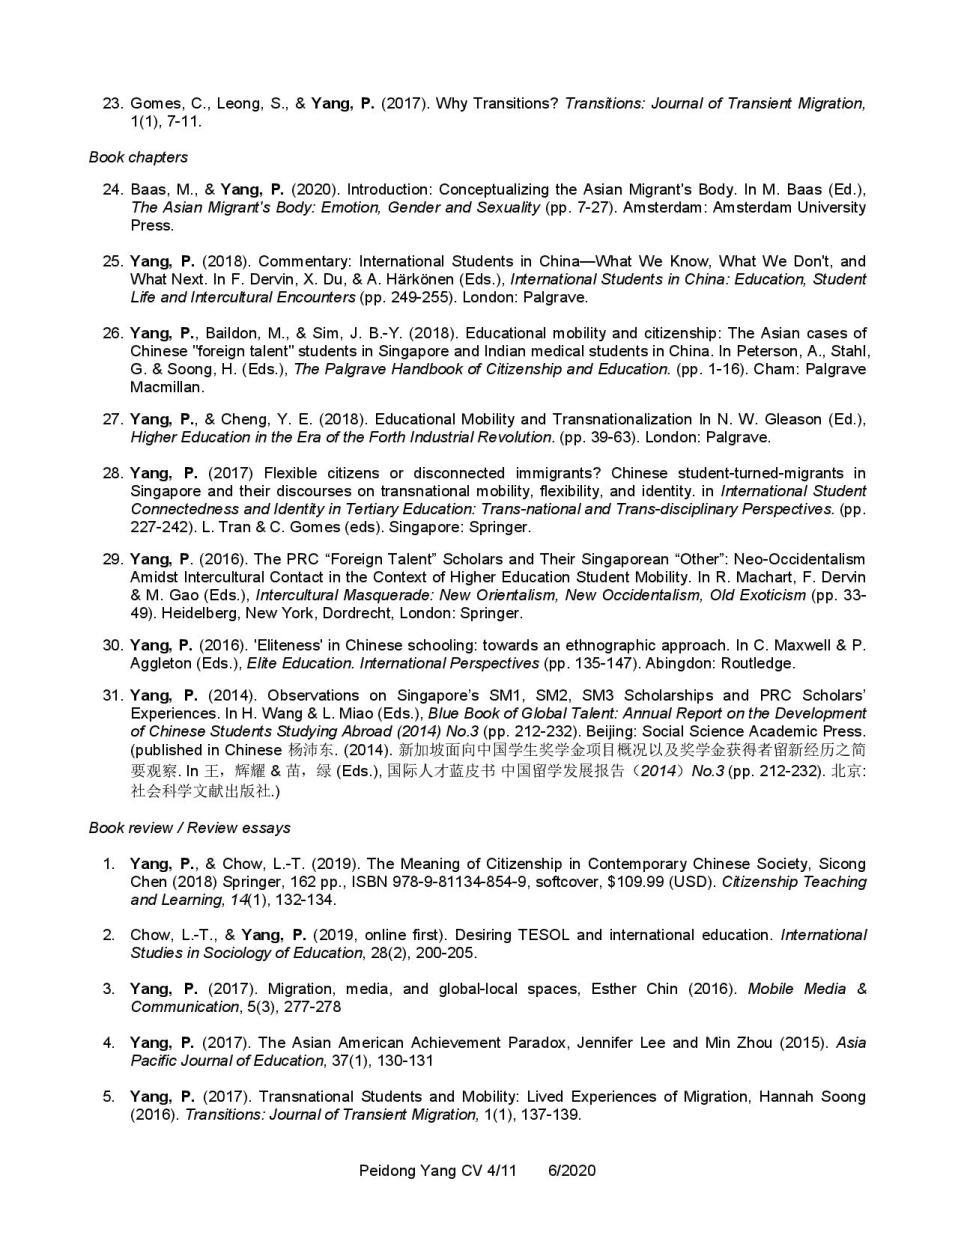 CV YANG Peidong_6.2020-page-004